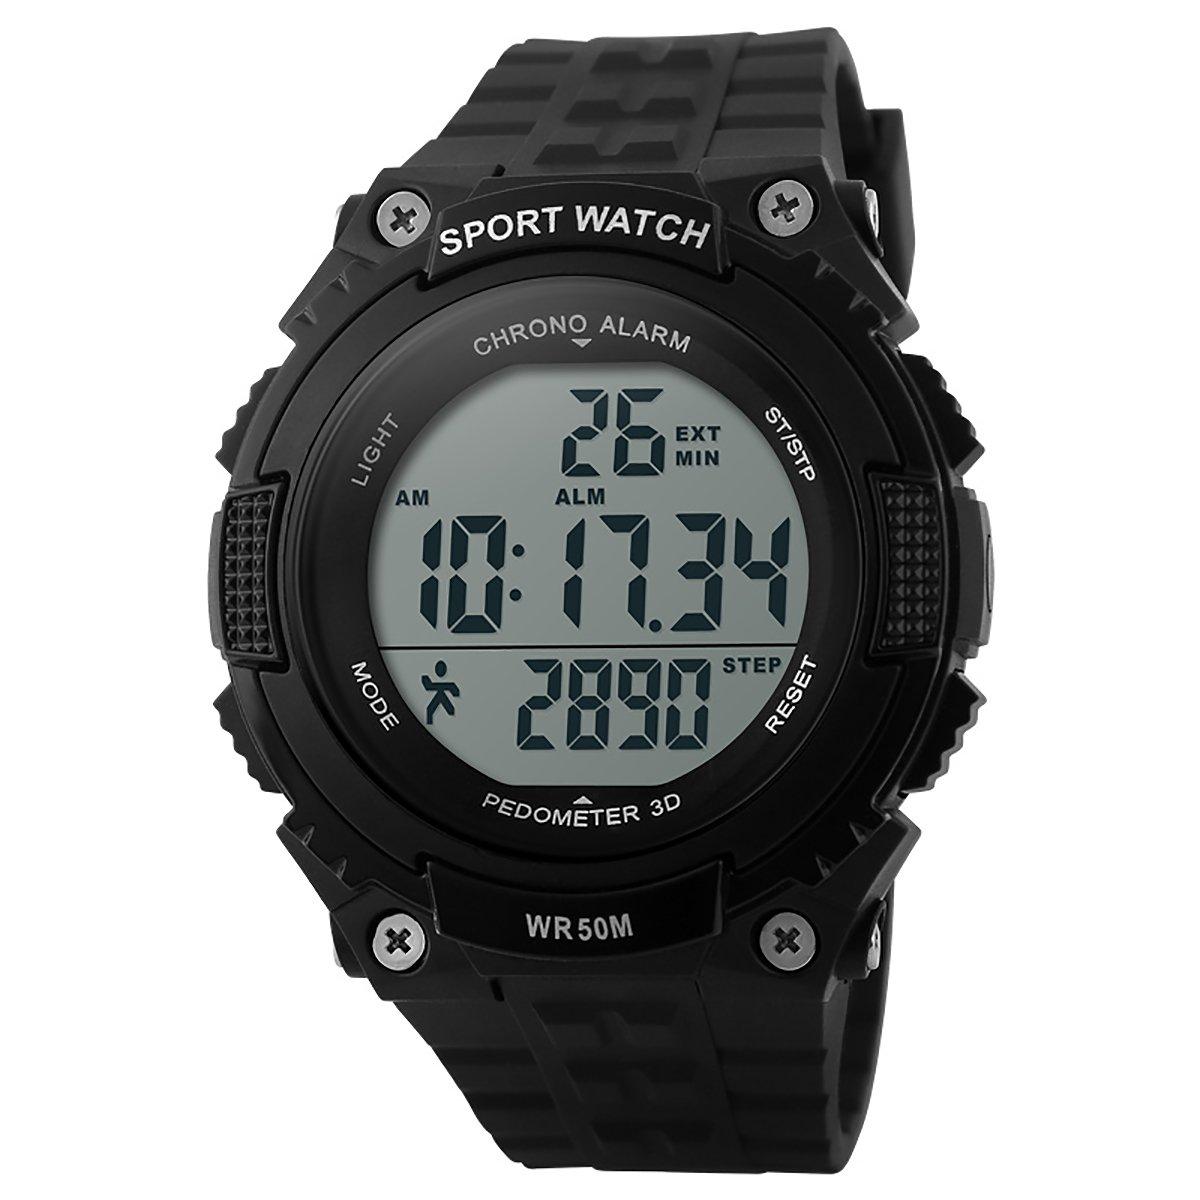 lancardo reloj hombre electrónica multifuncional reloj Digital reloj impermeable podómetro cronómetro